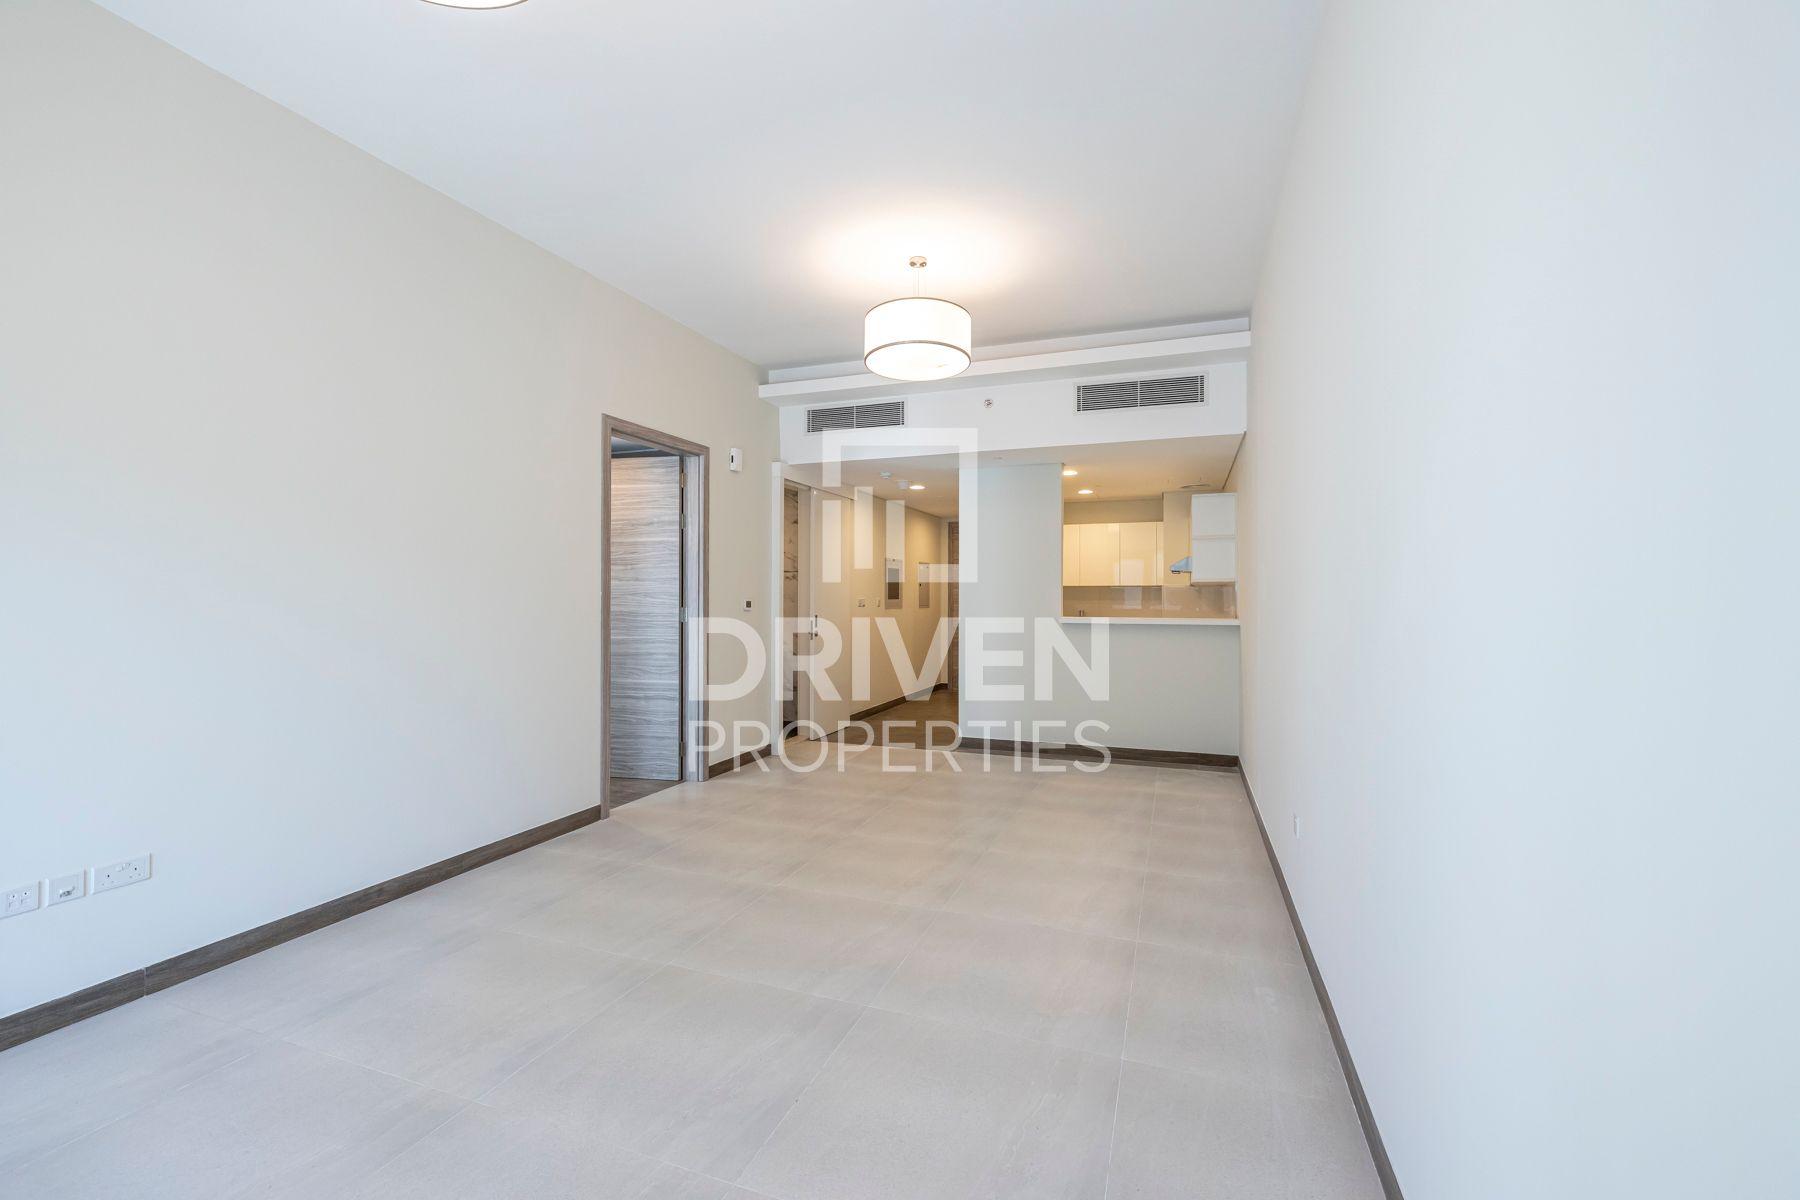 906 قدم مربع  شقة - للايجار - الخليج التجاري